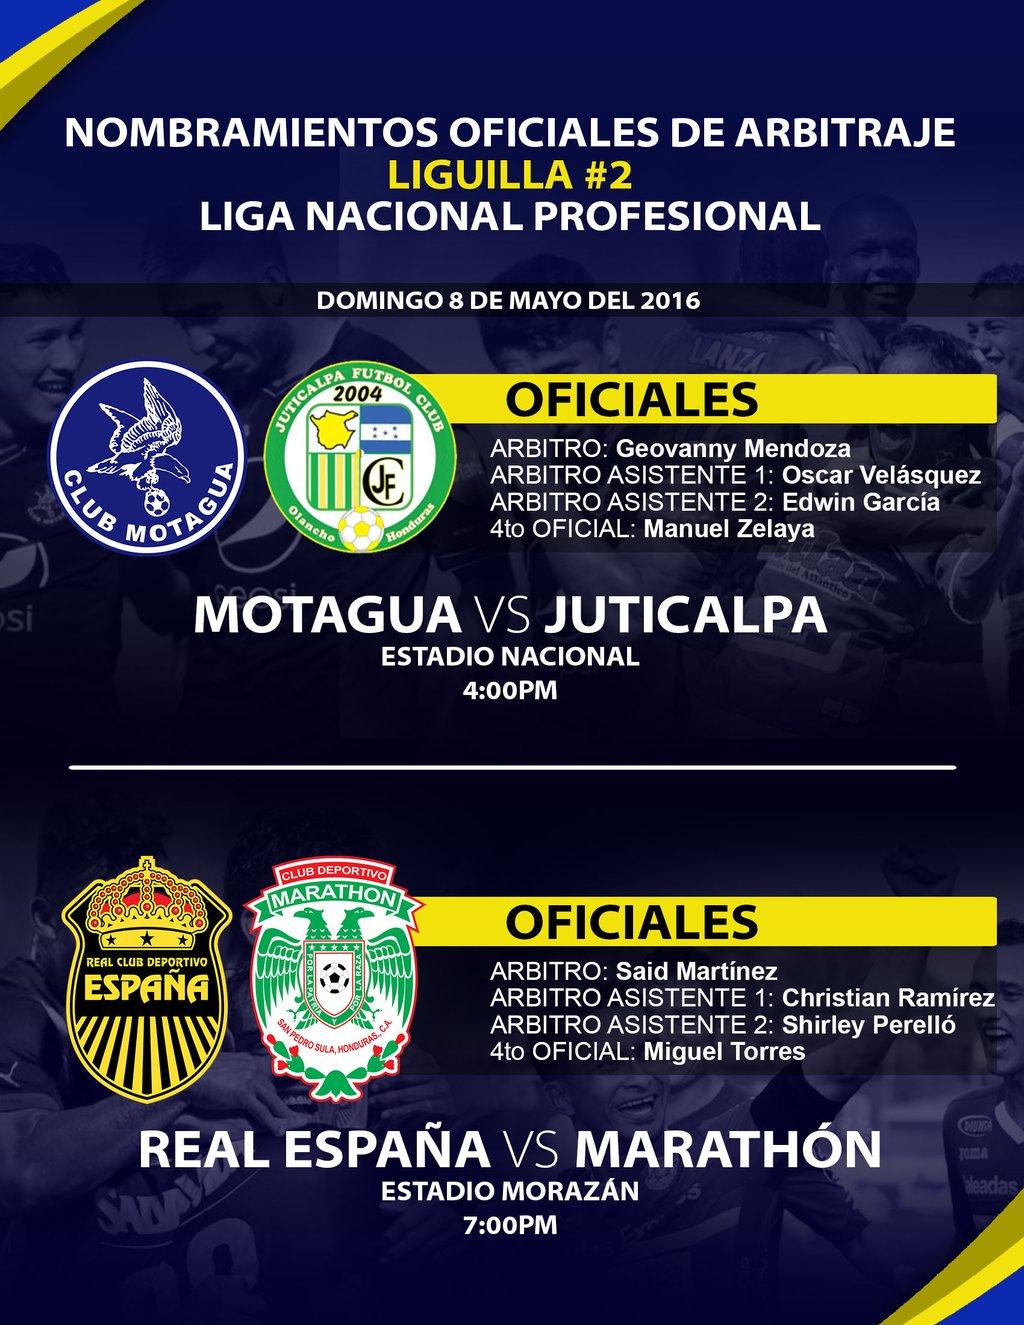 Clausura 2016 árbitros partido de vuelta repechaje 8 de Mayo 2016